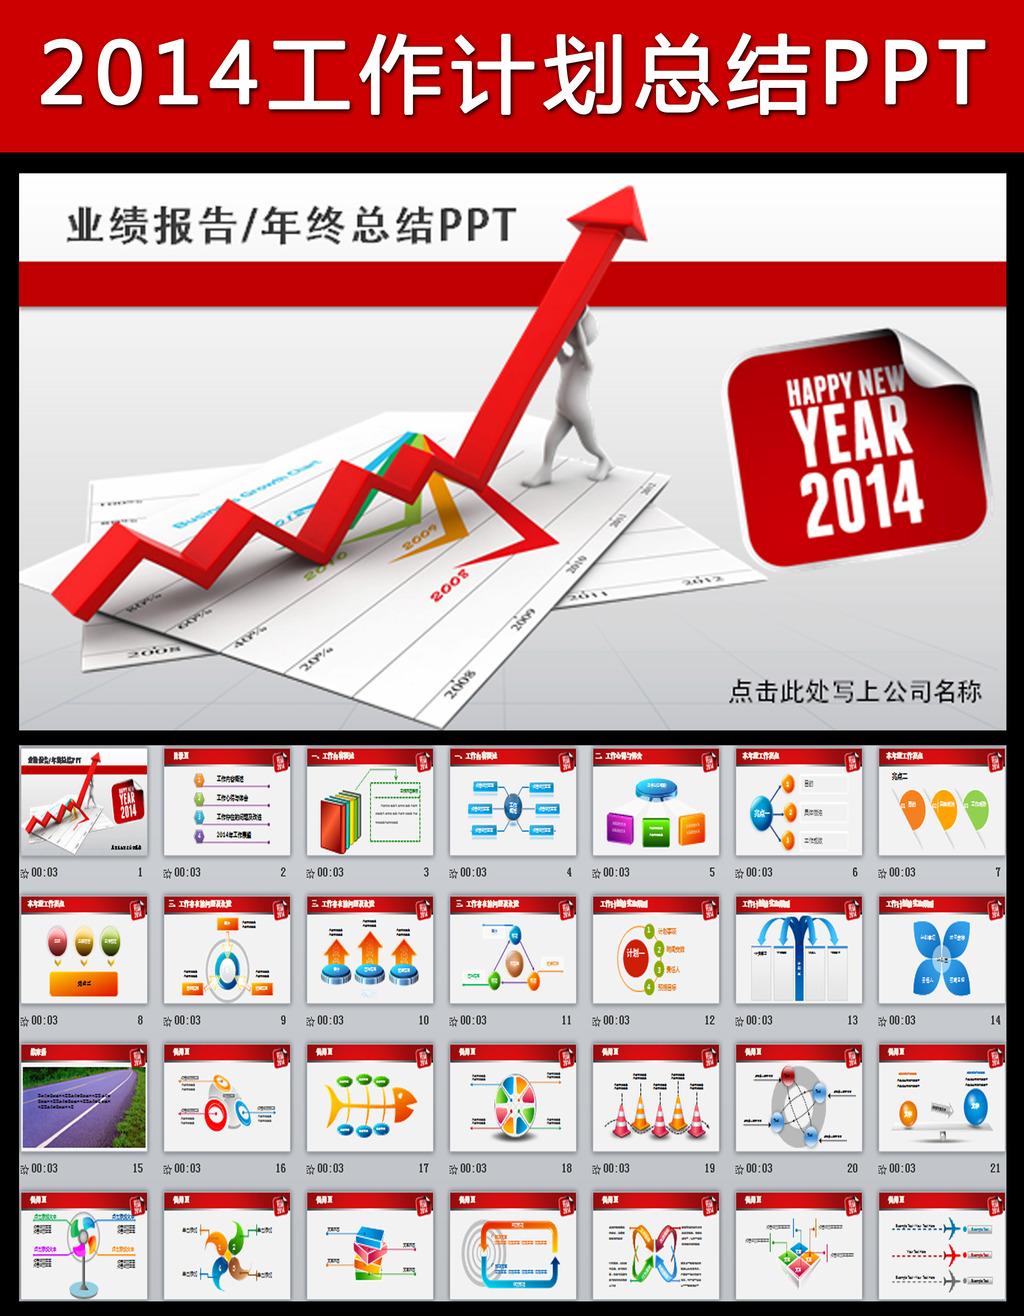 2014年业绩报告市场销售总结计划PPT模板下